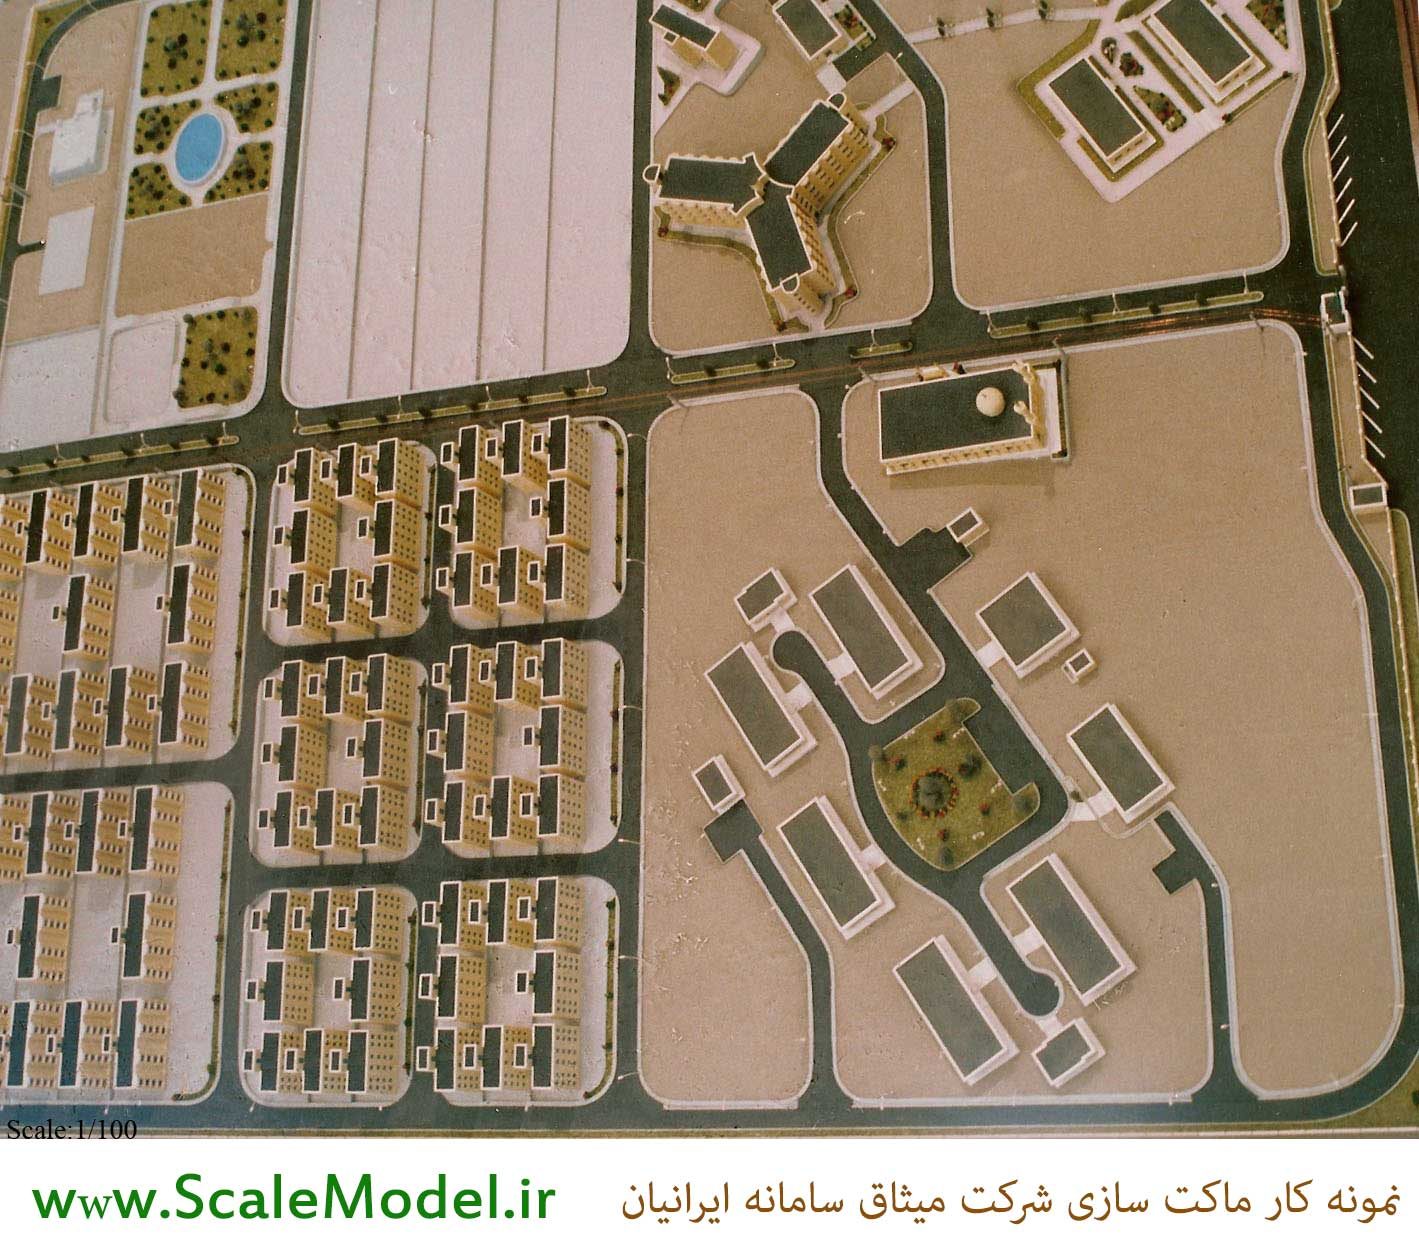 ماکت شهرک ساختمانی و شهرک مسکونی از نمای بالا ساخته شده توسط شرکت میثاق سامانه ایرانیان ماکت شهرک مسکونی ماکت شهرک مسکونی پروژه ماکت ساختمان سازی